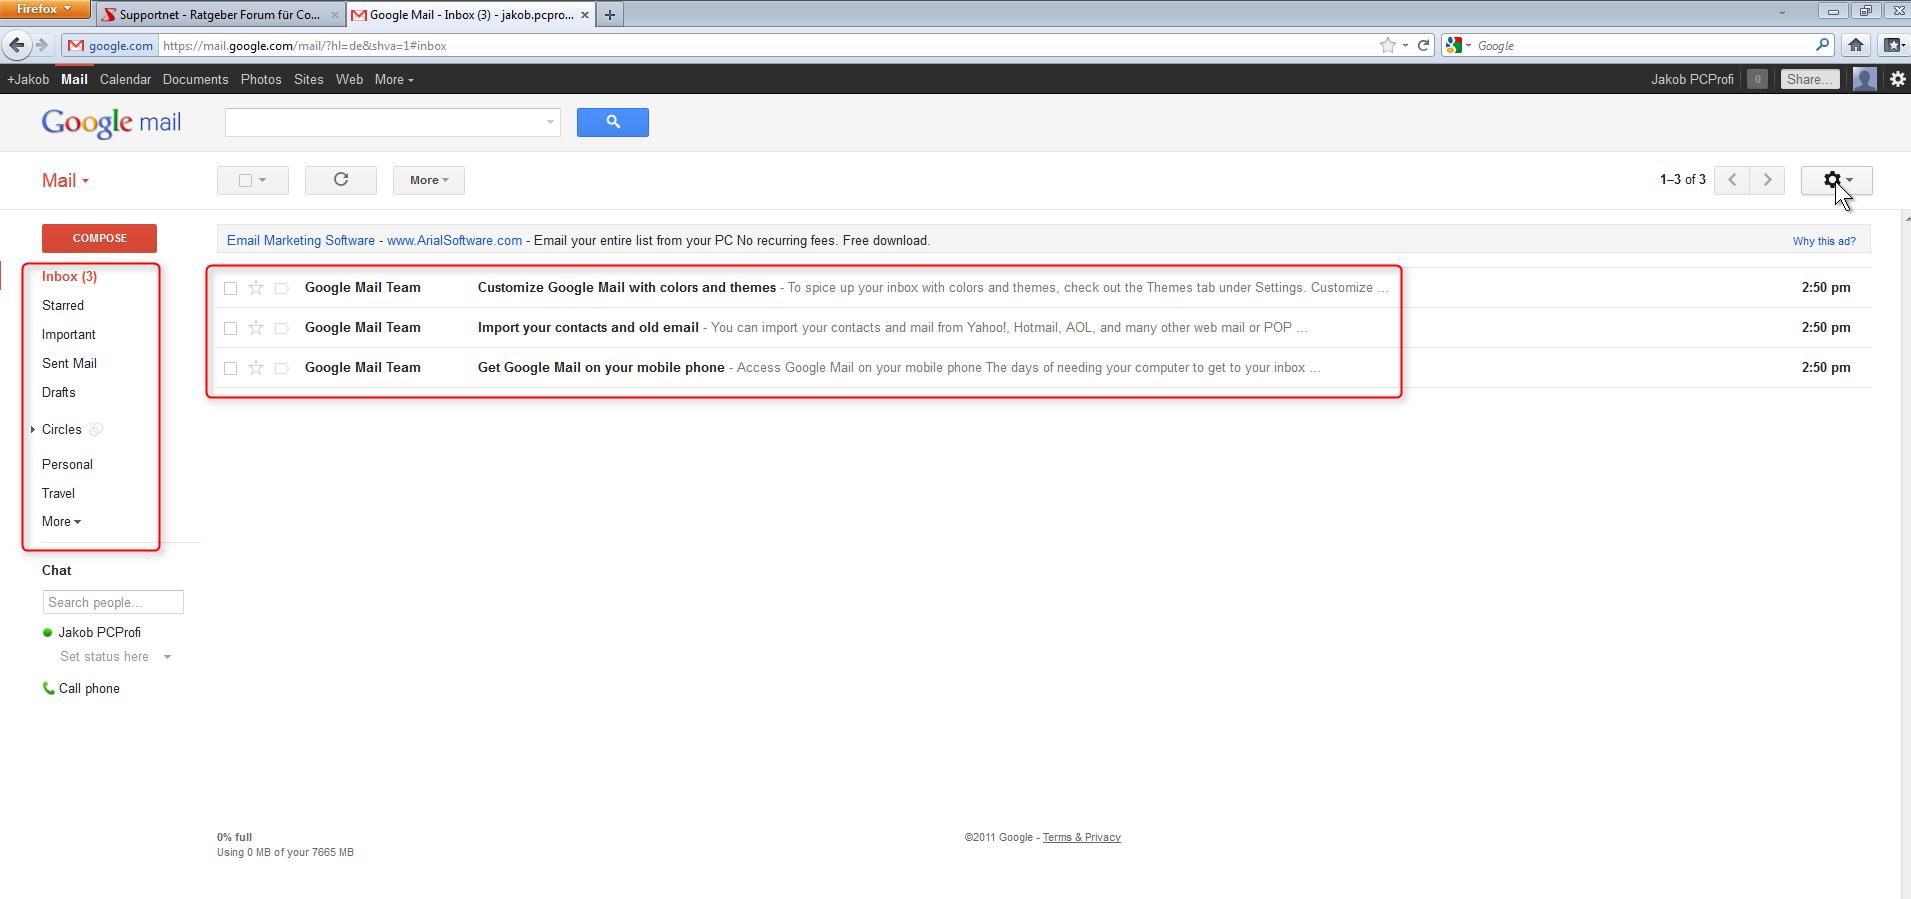 08-Ein-kostenloses-E-Mail-Konto-bei-Google-eroeffnen-mit-Video-send-470.png?nocache=1325851126603